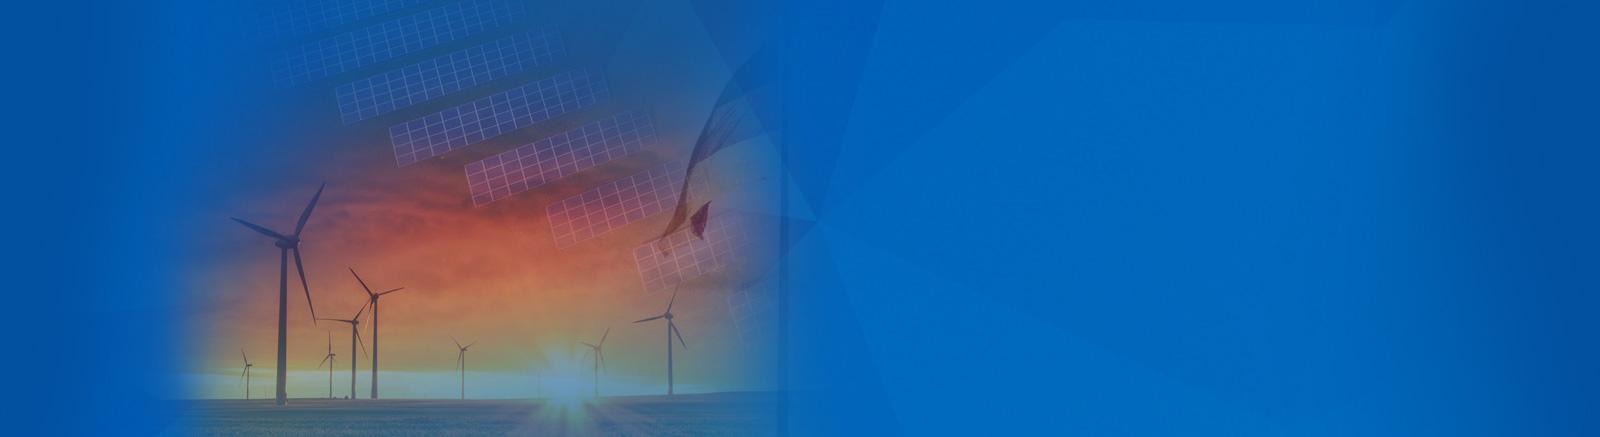 ¿Qué lecciones podemos extraer de la transición energética en Alemania?